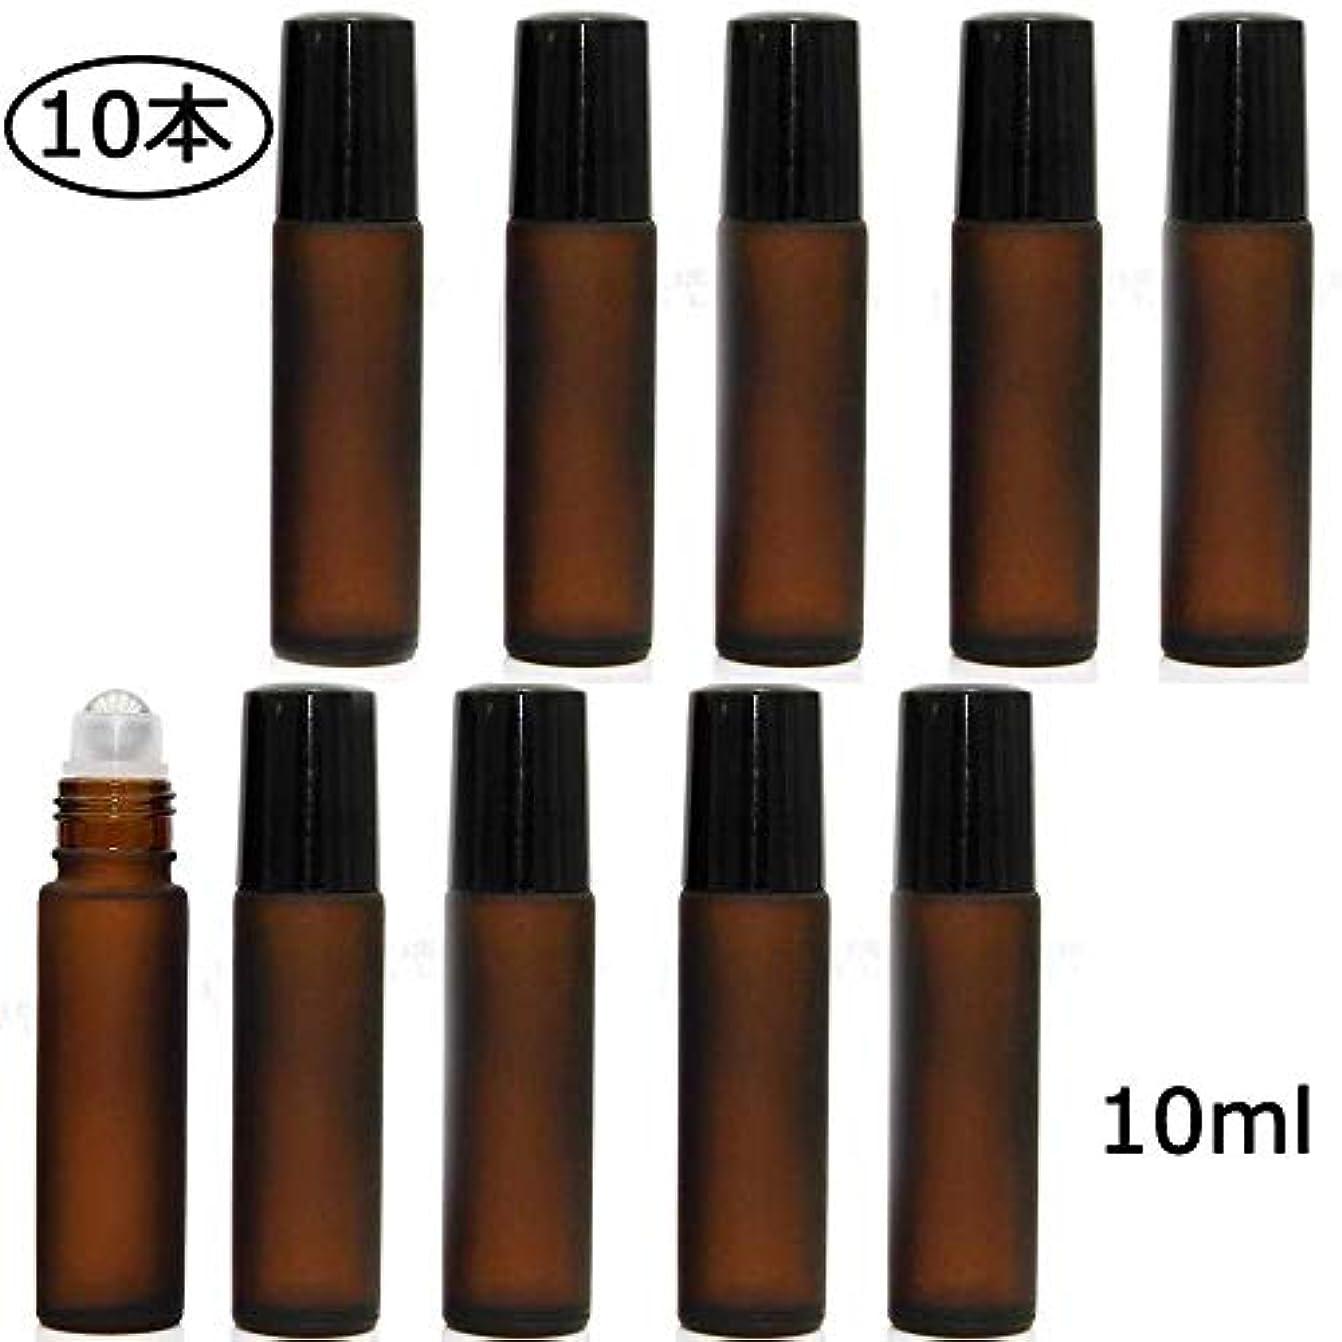 経由でツーリスト継続中Simg ロールオンボトル アロマオイル 精油 小分け用 遮光瓶 10ml 10本セット ガラスロールタイプ (茶色)